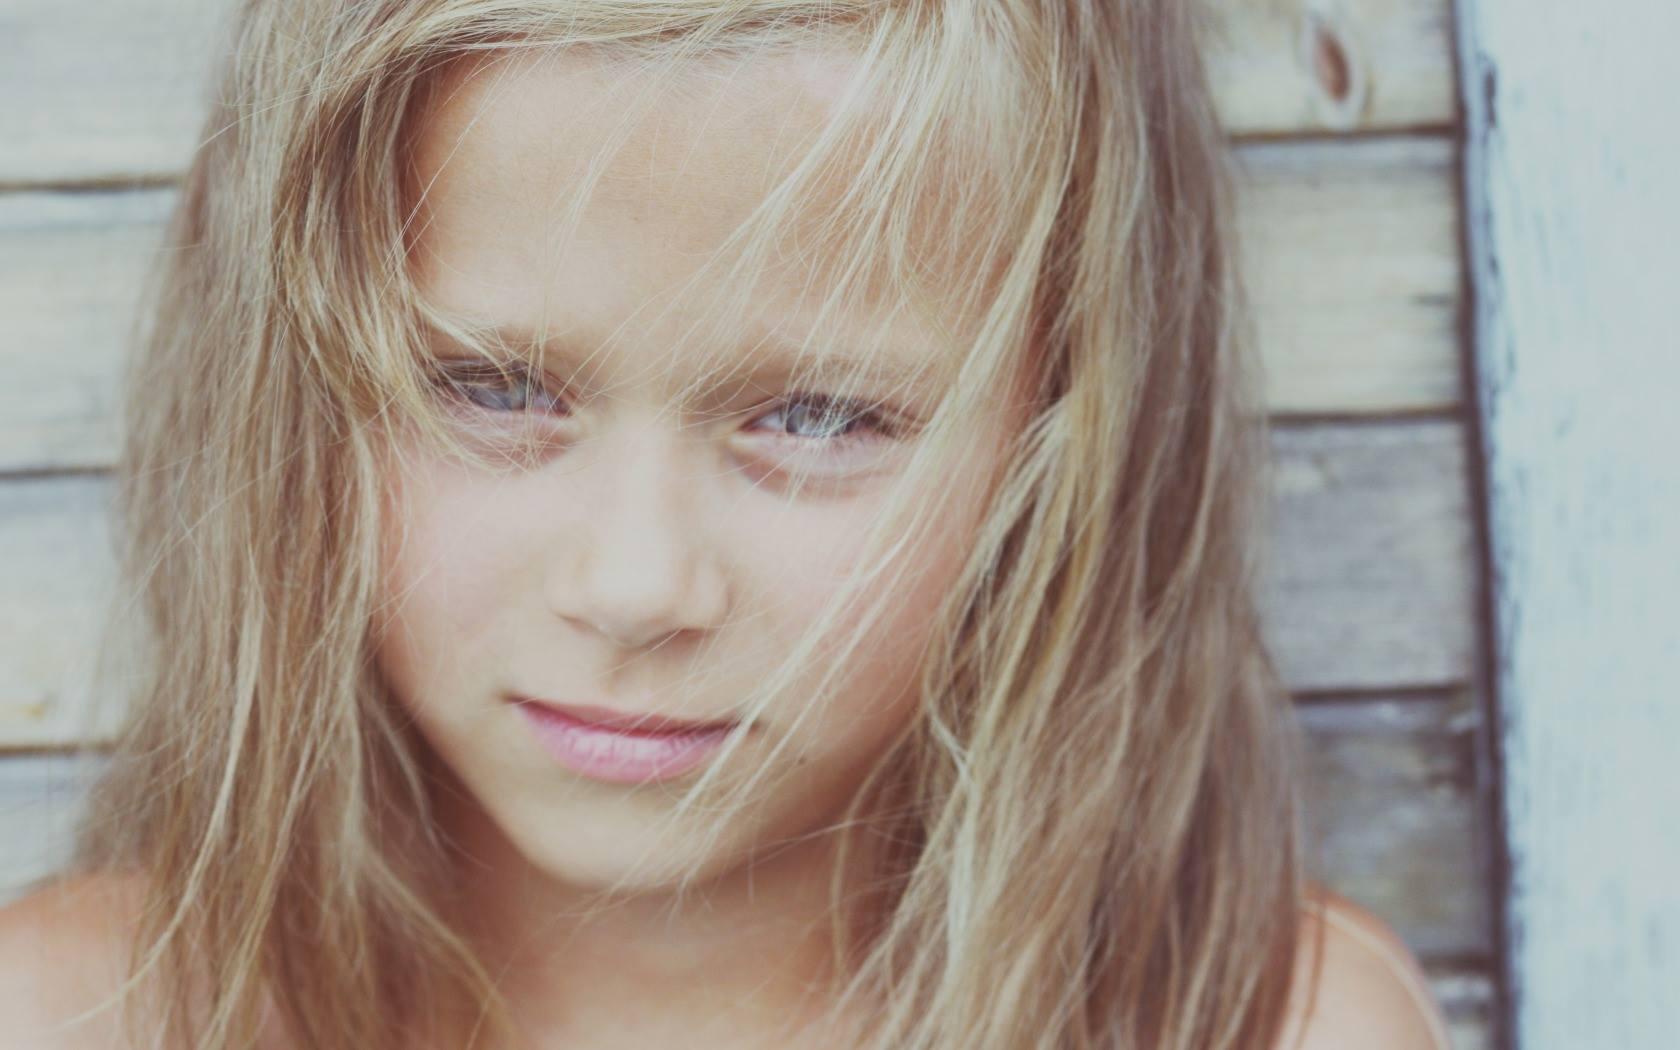 Исследование: Дети могут унаследовать депрессивное состояние от родителей